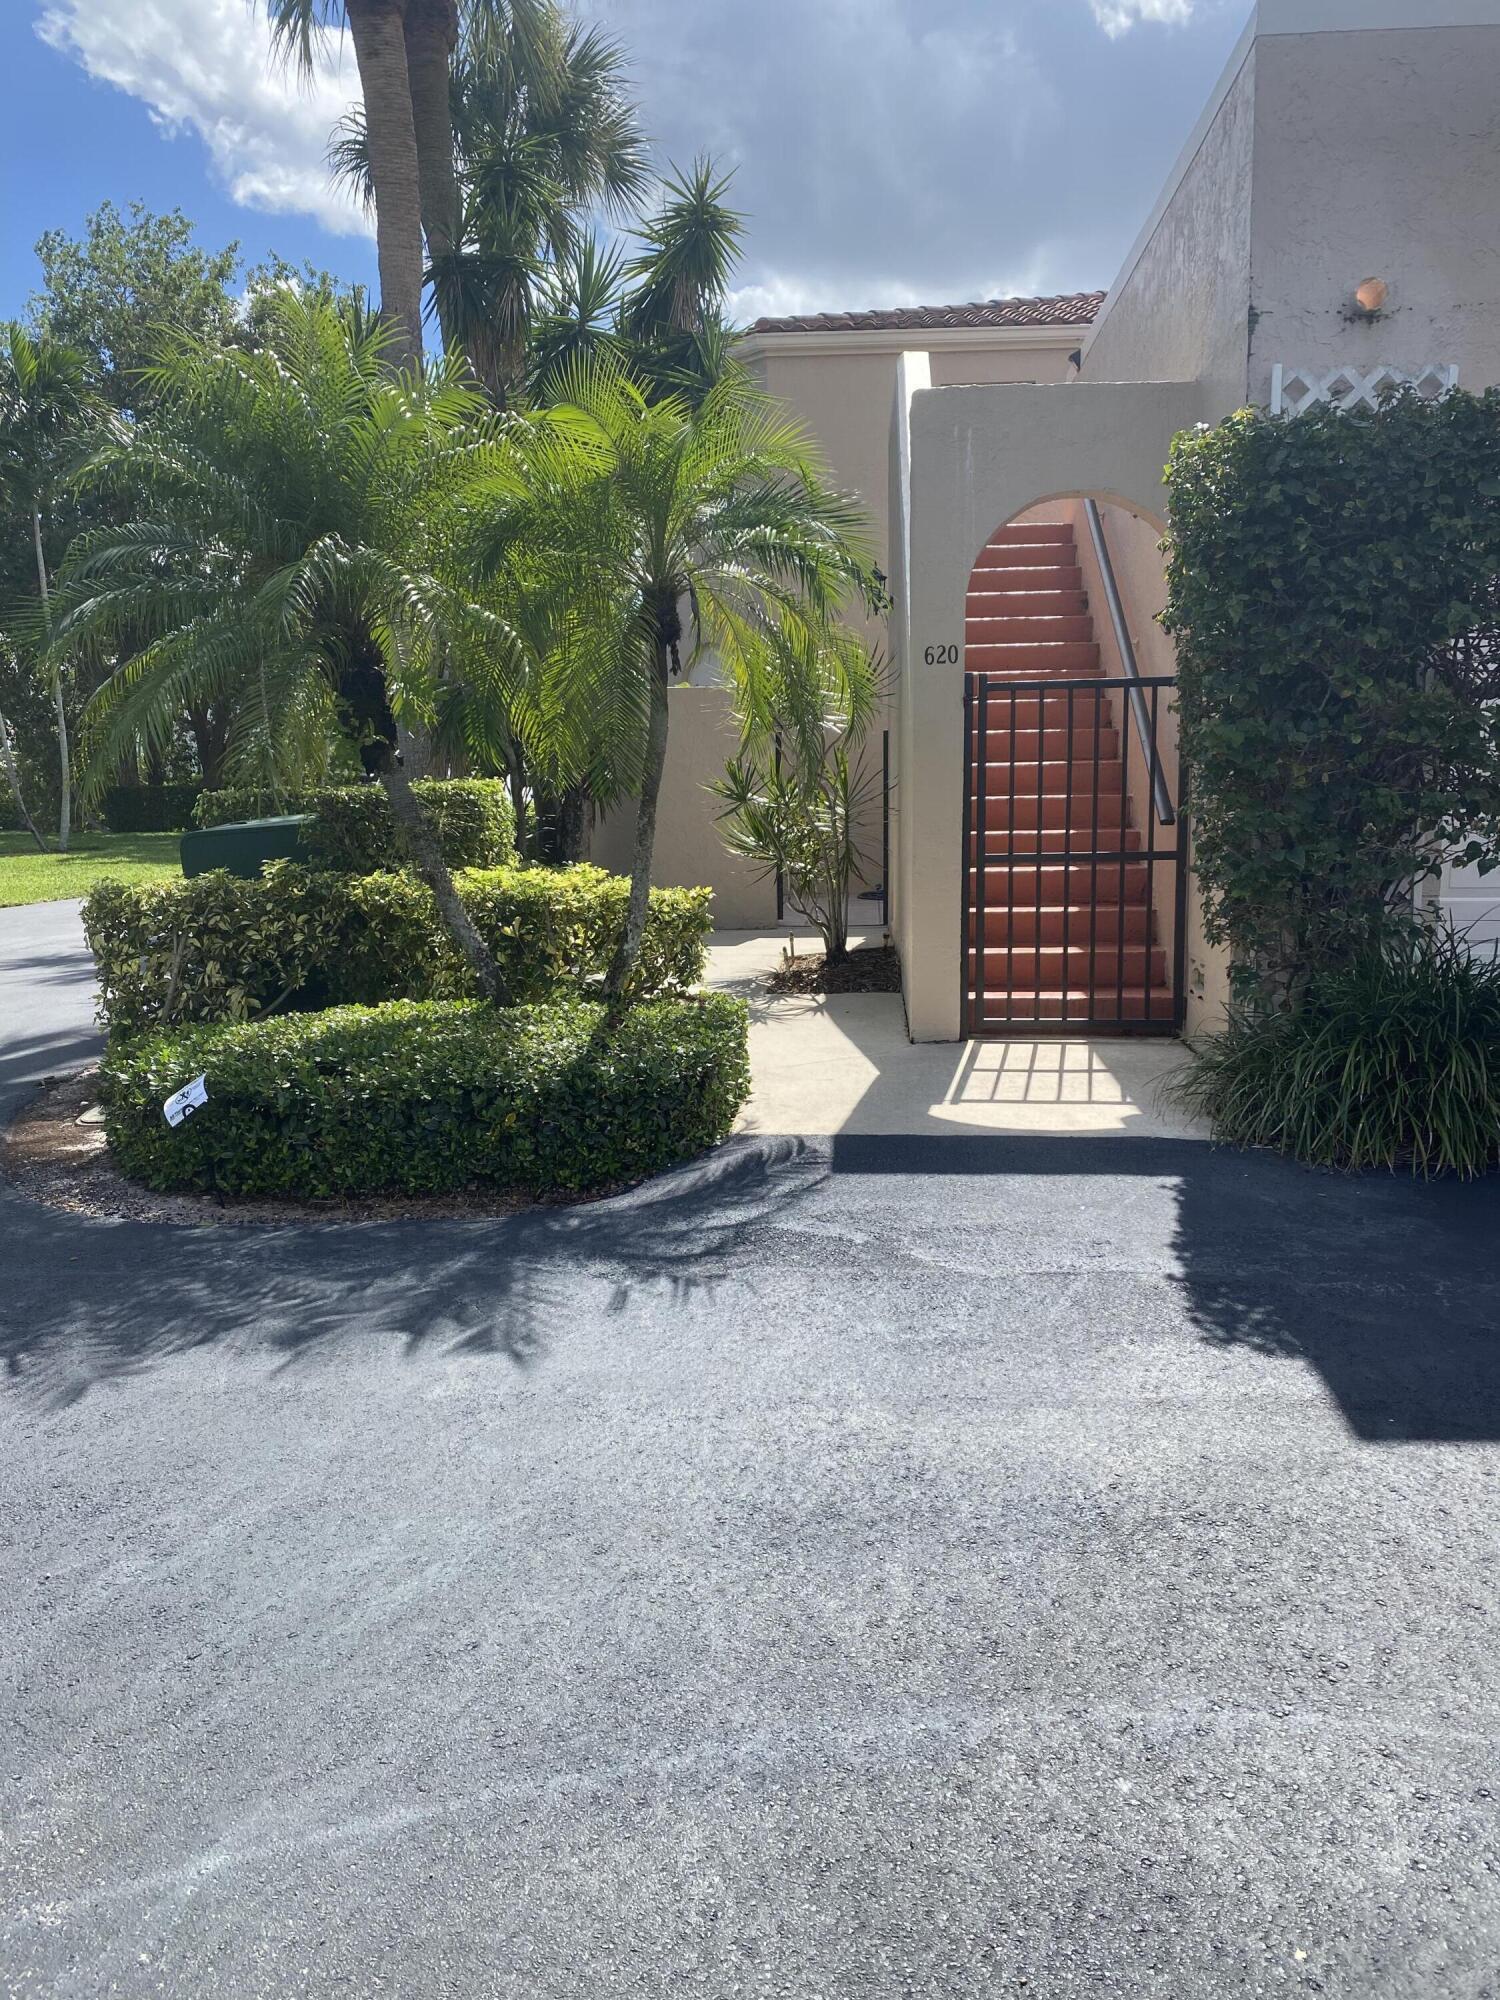 6638 Villa Sonrisa Drive #610 - 33433 - FL - Boca Raton